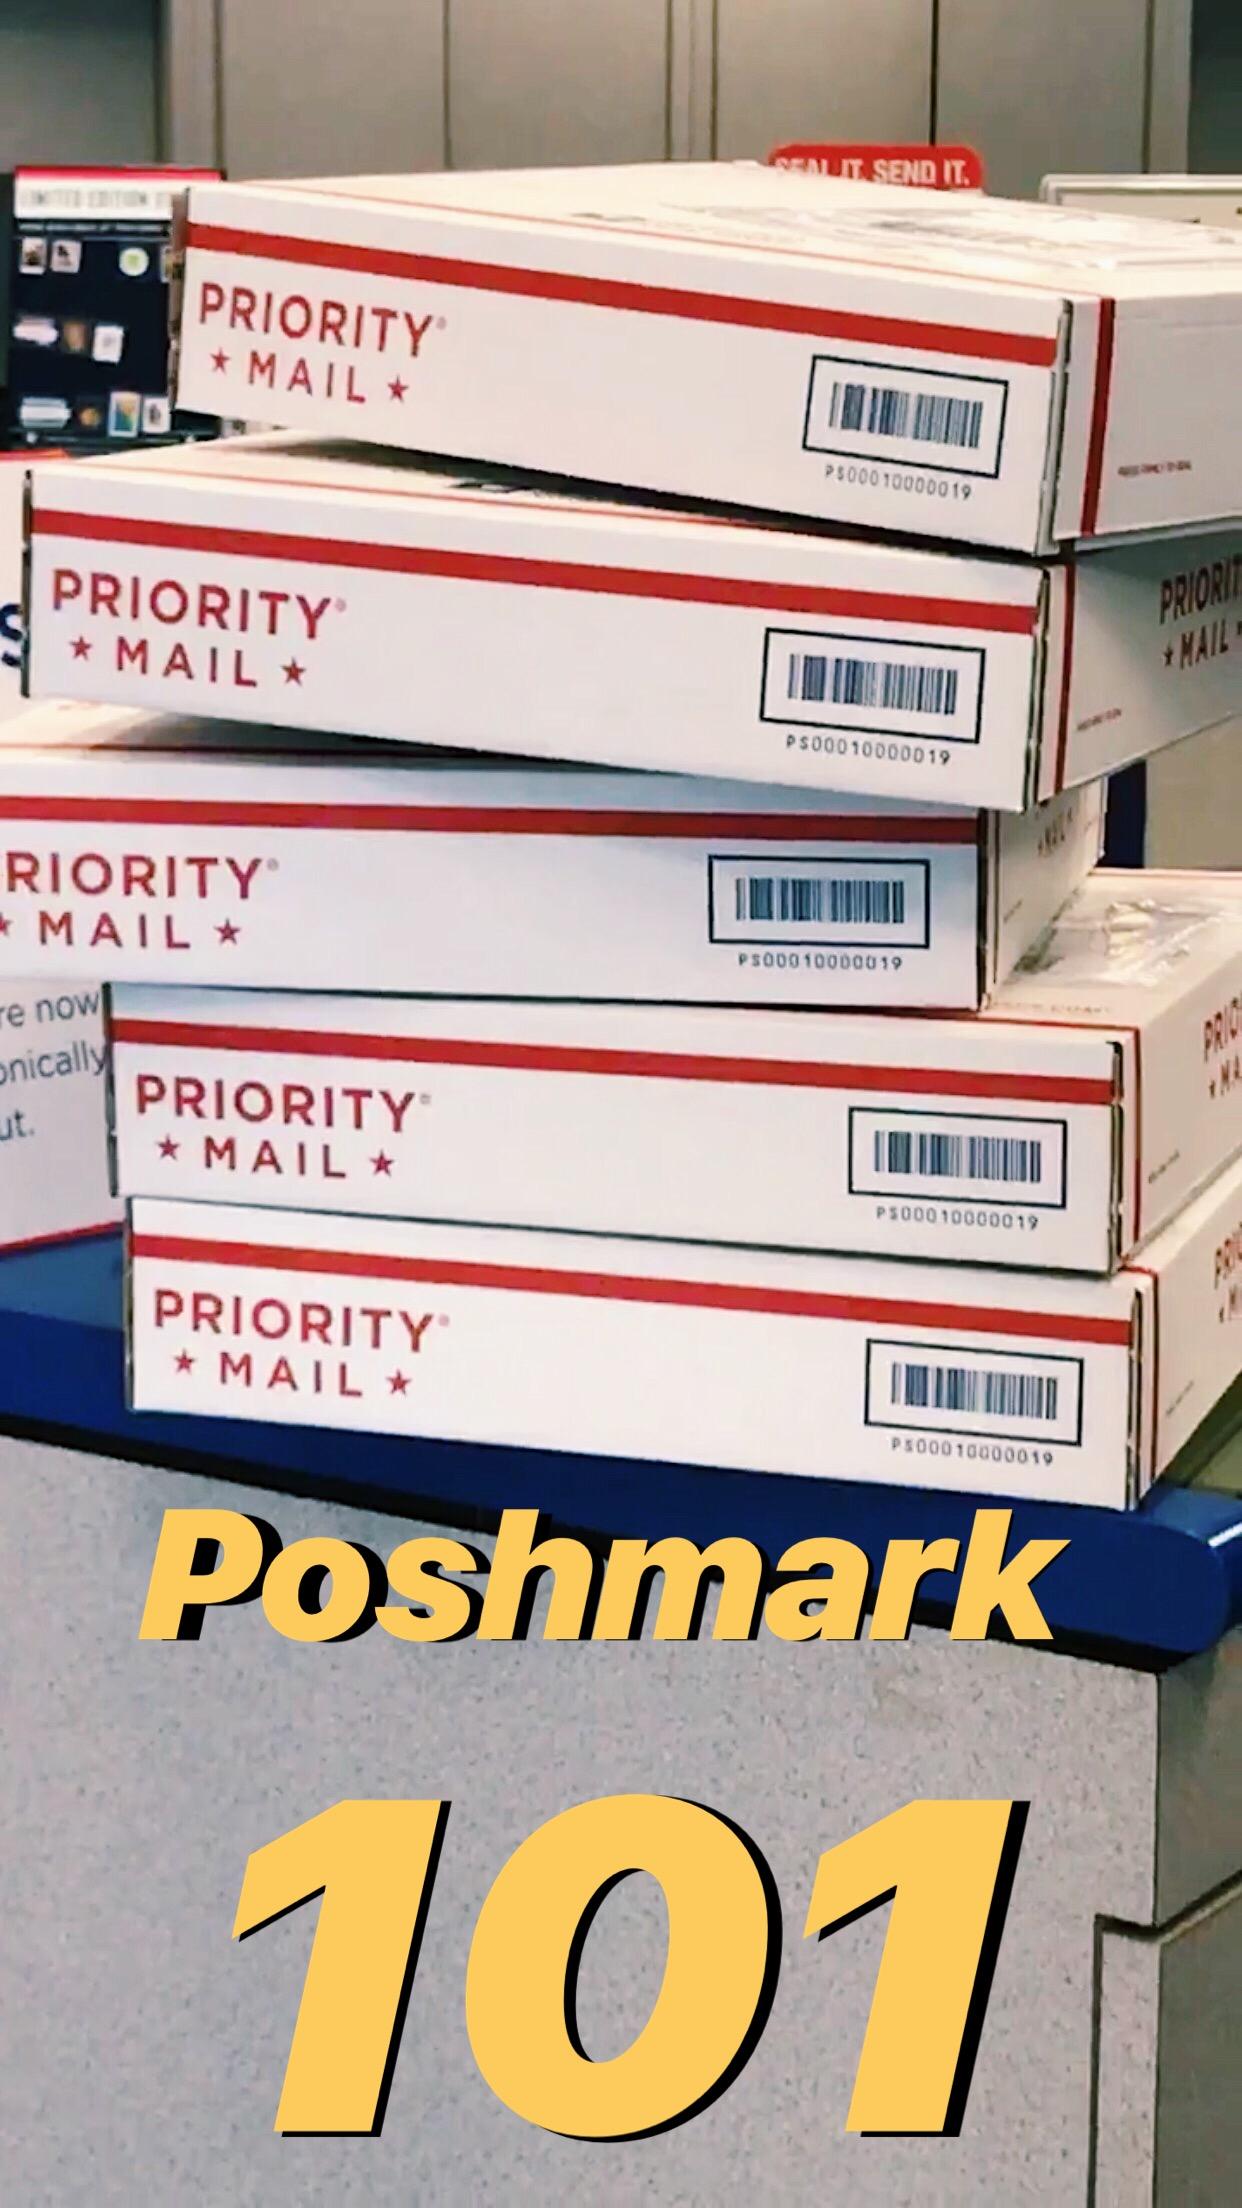 How to use poshmark